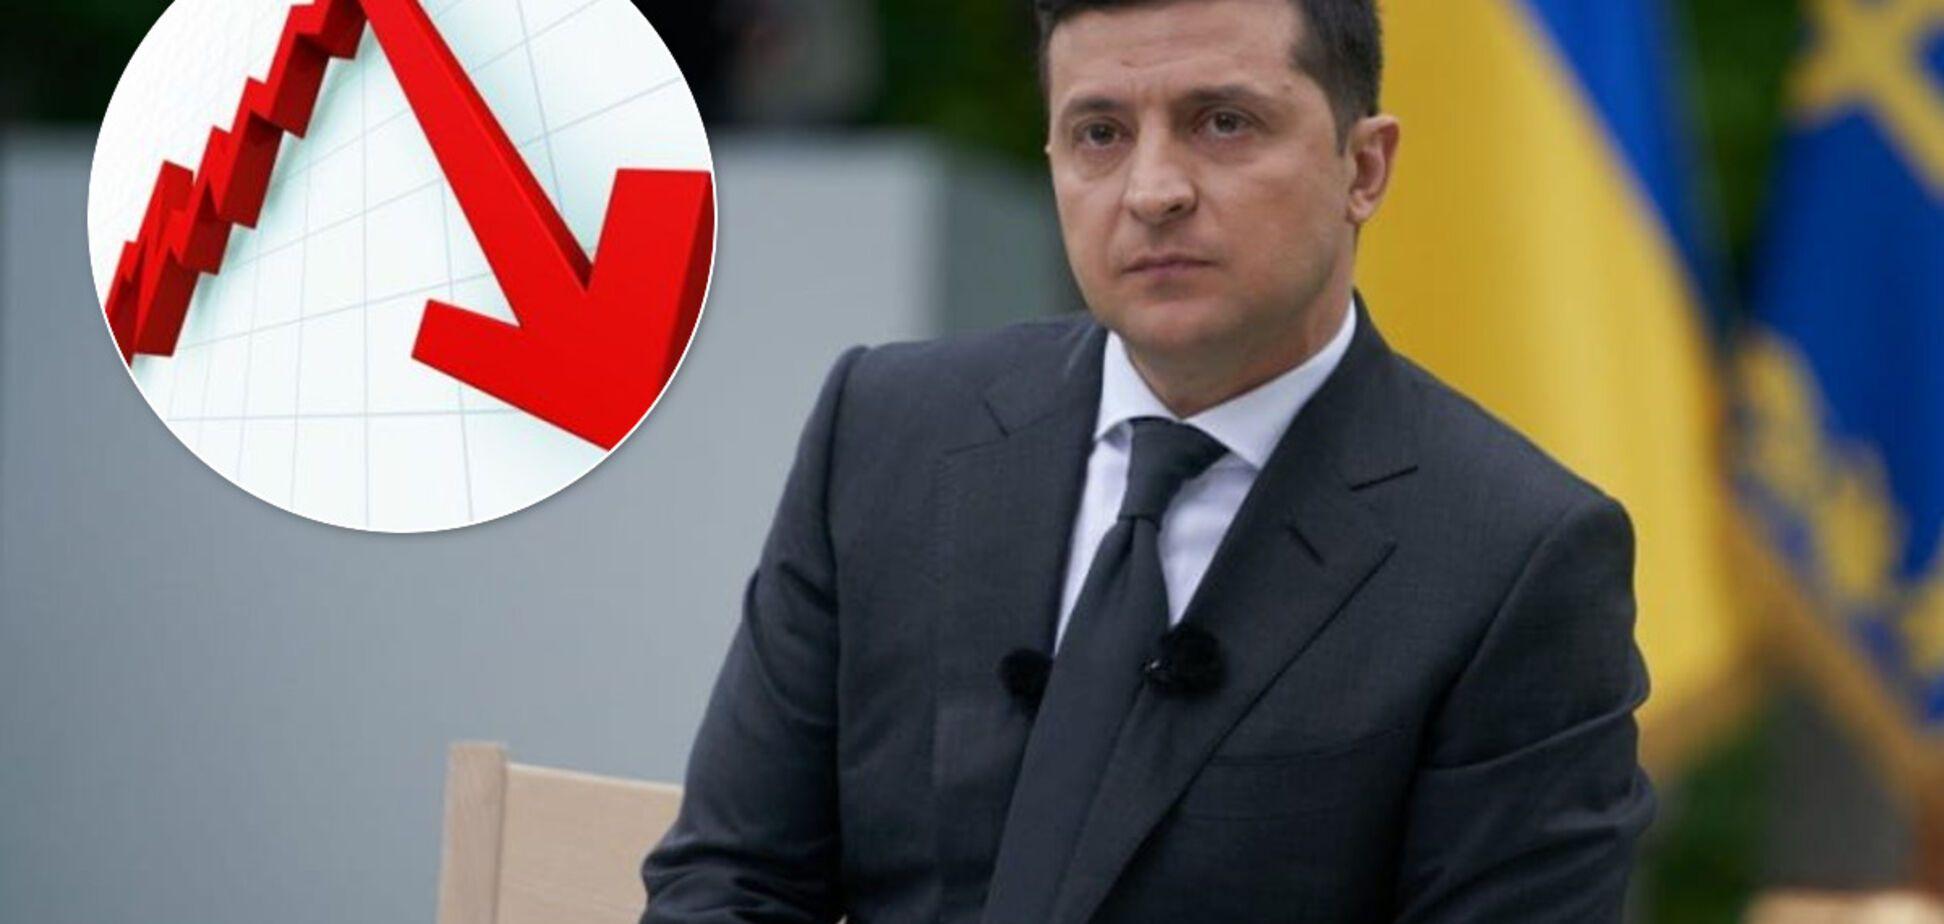 Рейтинг Владимира Зеленского за 9 месяцев упал более чем в 2 раза